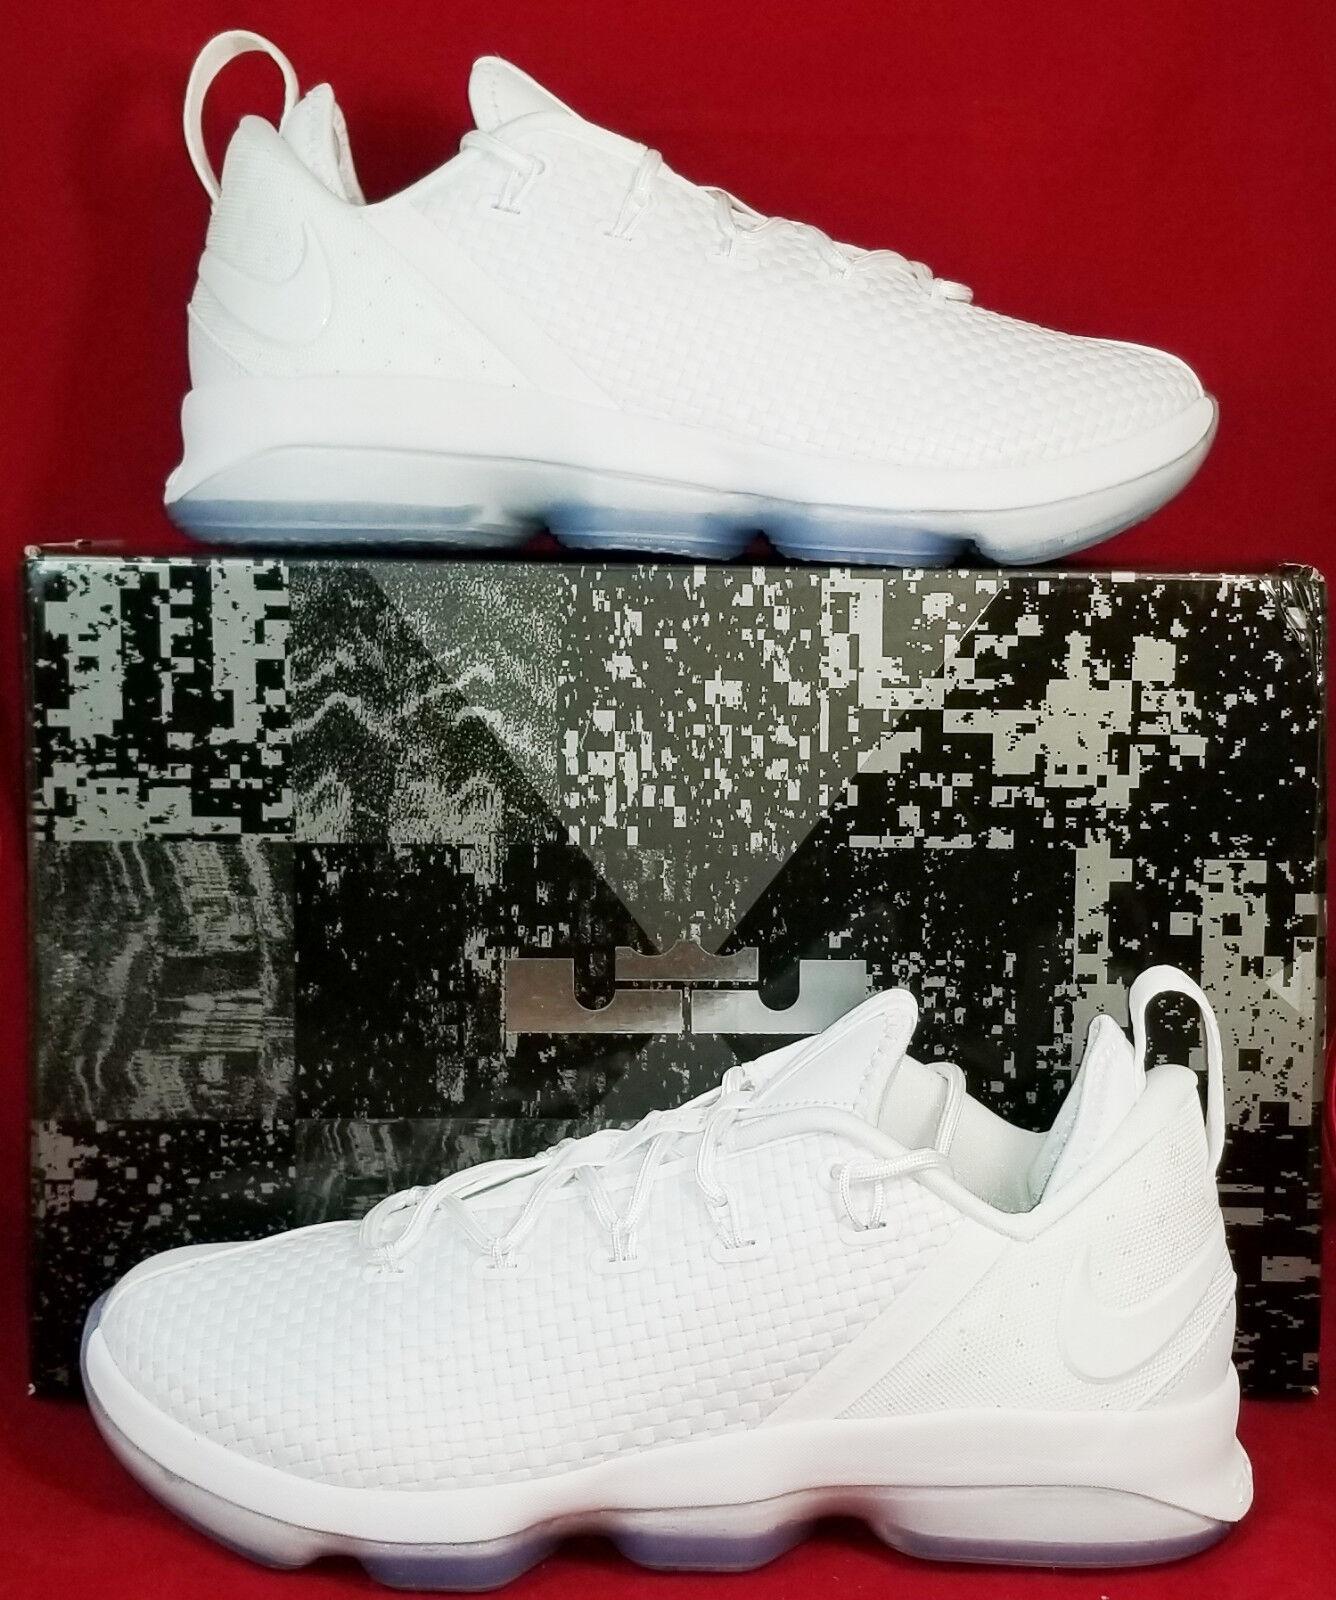 Nuevo EN CAJA 10 NIKE para hombre 10 CAJA LEBRON XIV bajo 878636 101  blanco o Zapatos de baloncesto precio minorista sugerido por el fabricante 150 Nuevo cb9c6f